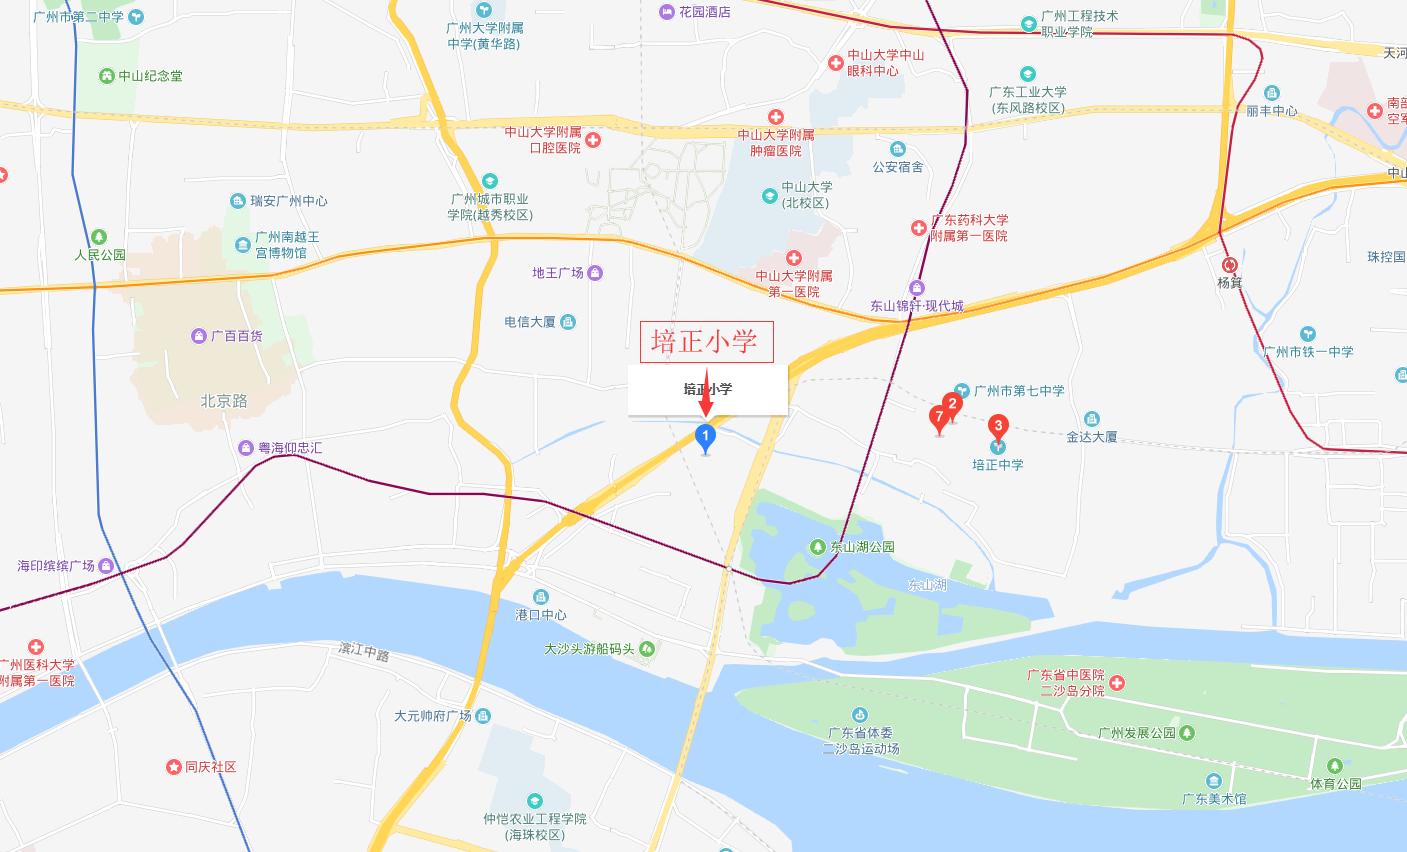 广州东山培正小学地图